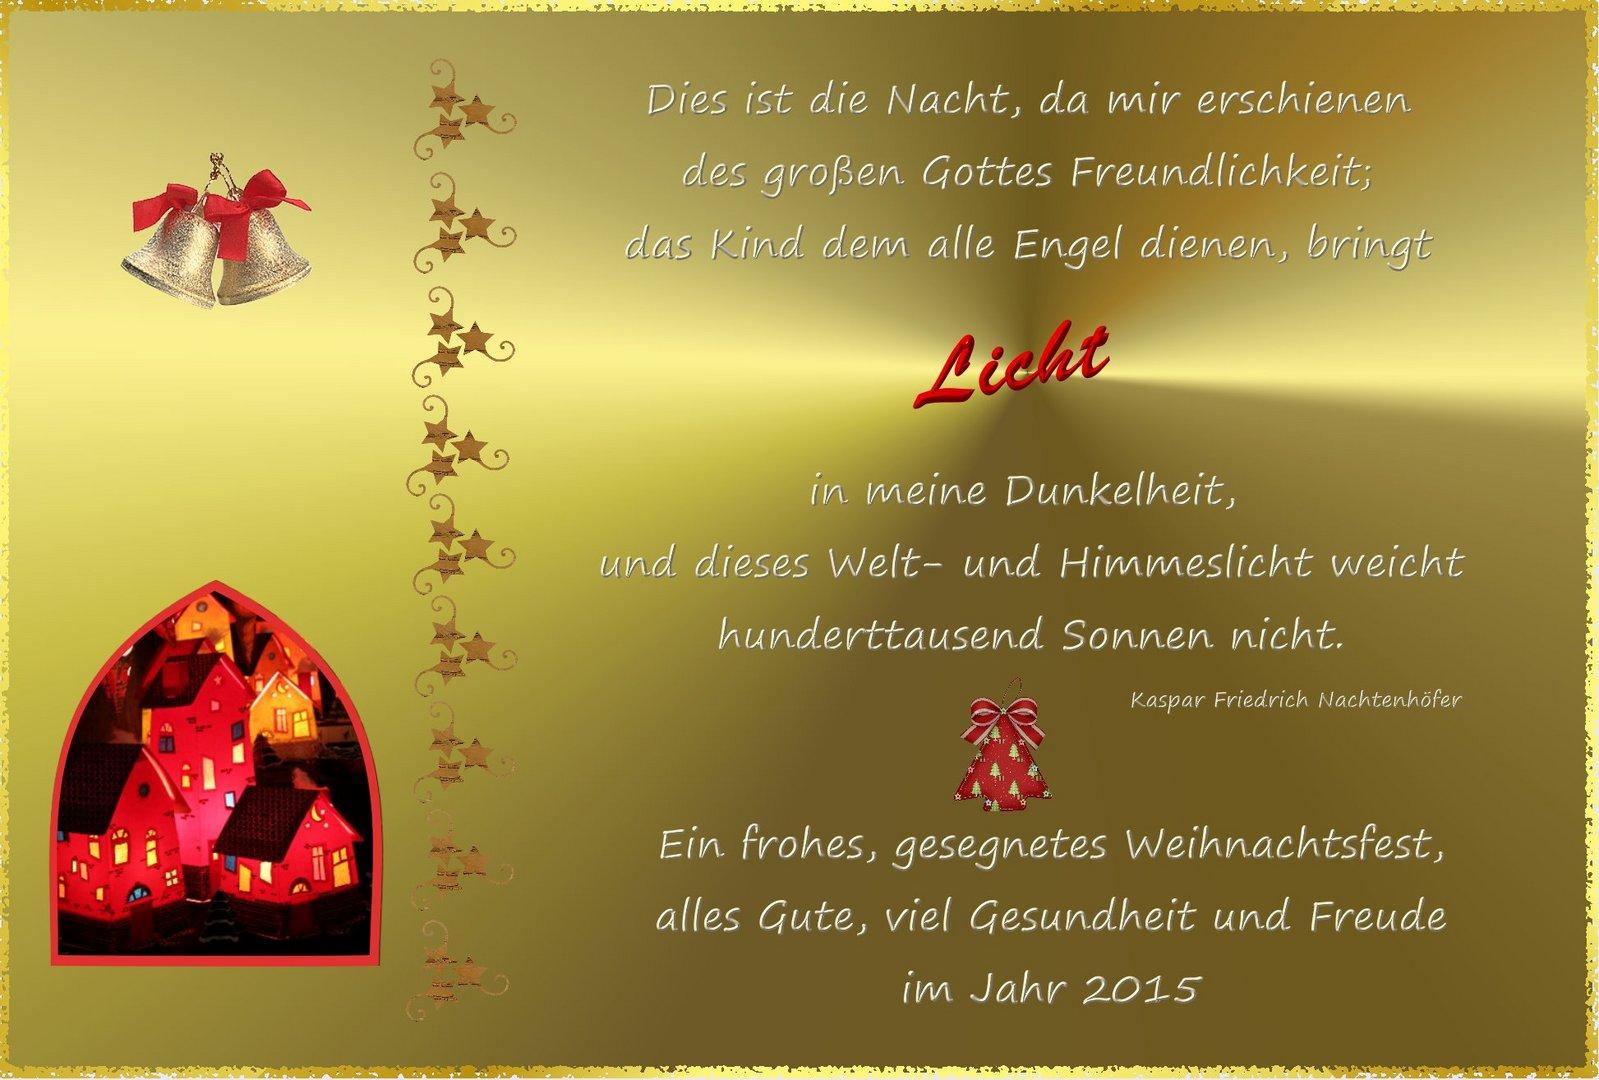 weihnachtsw nsche foto bild karten und kalender karten spezial bilder auf fotocommunity